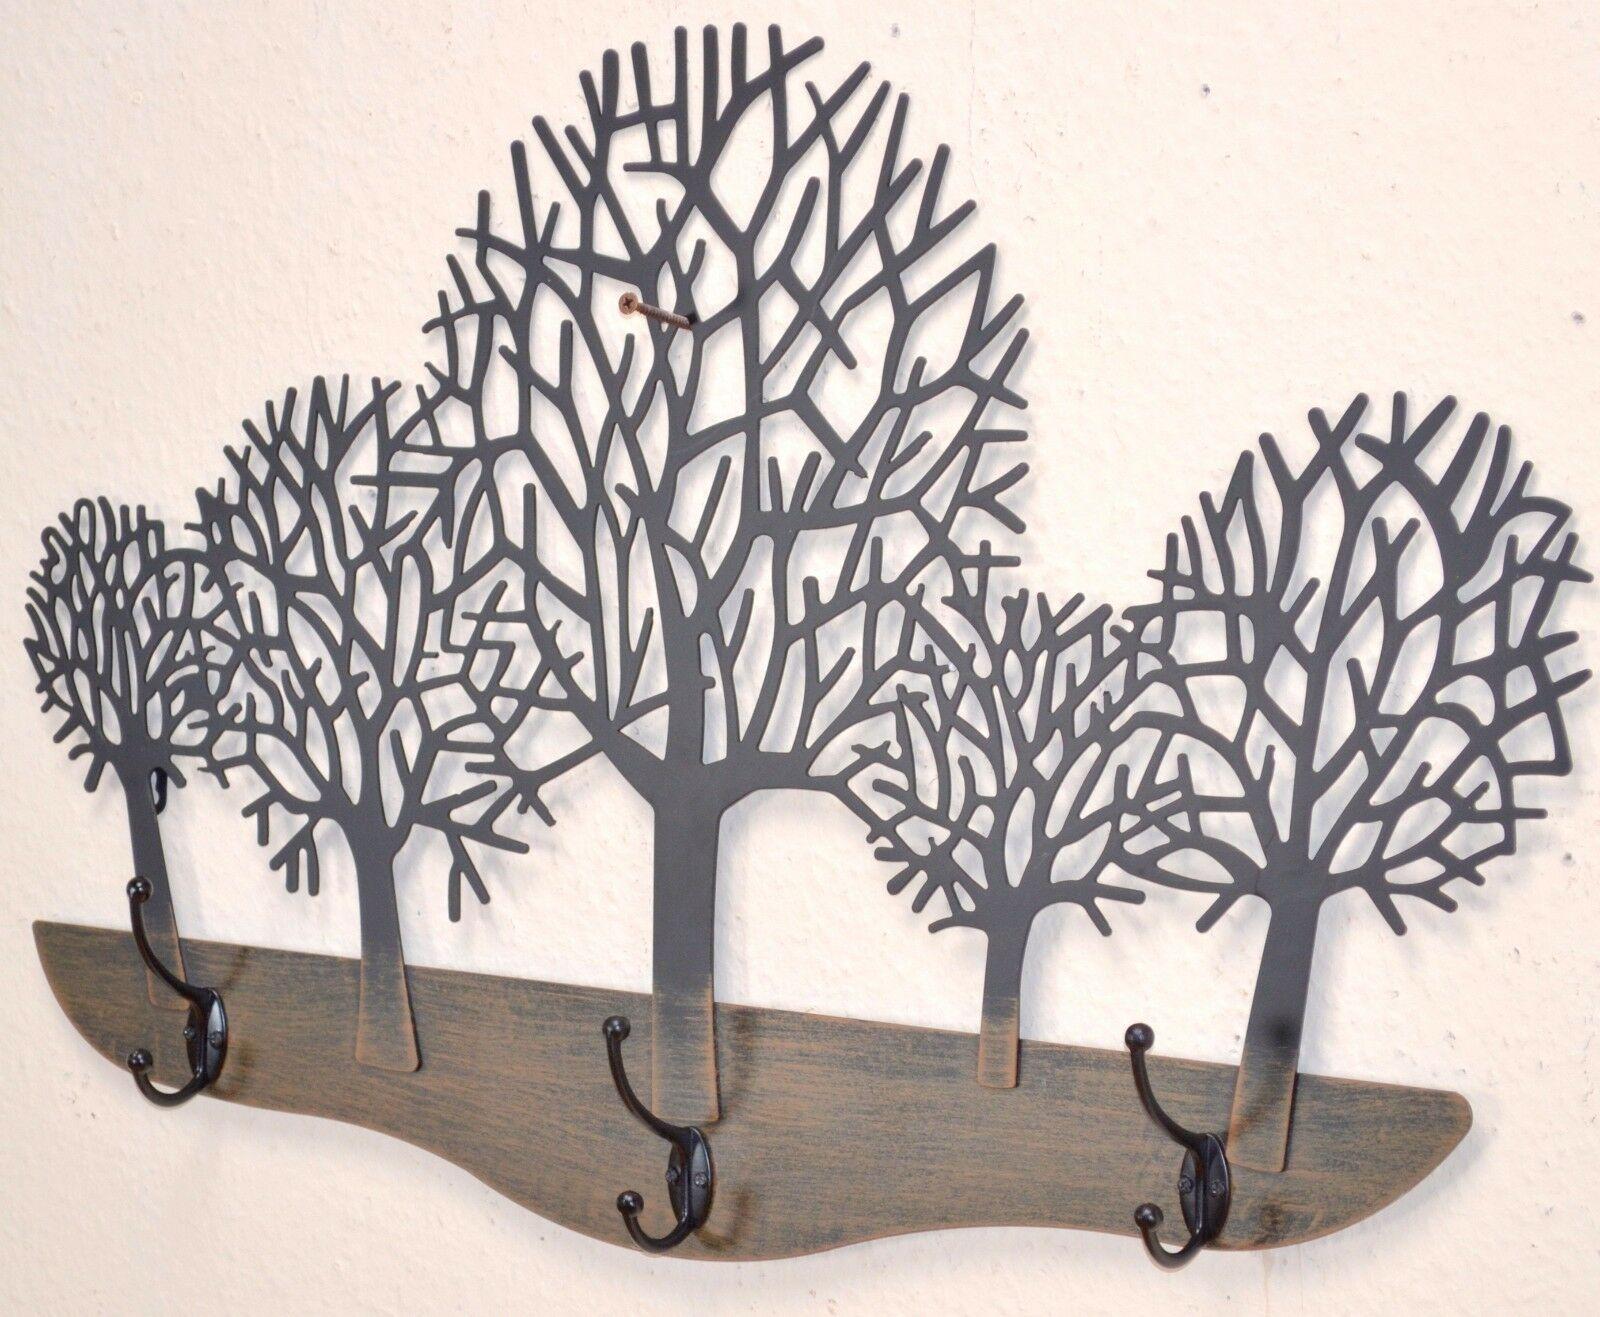 wandgarderobe bäume garderobe wald flurgarderobe 3 haken aus metall  hakenleiste